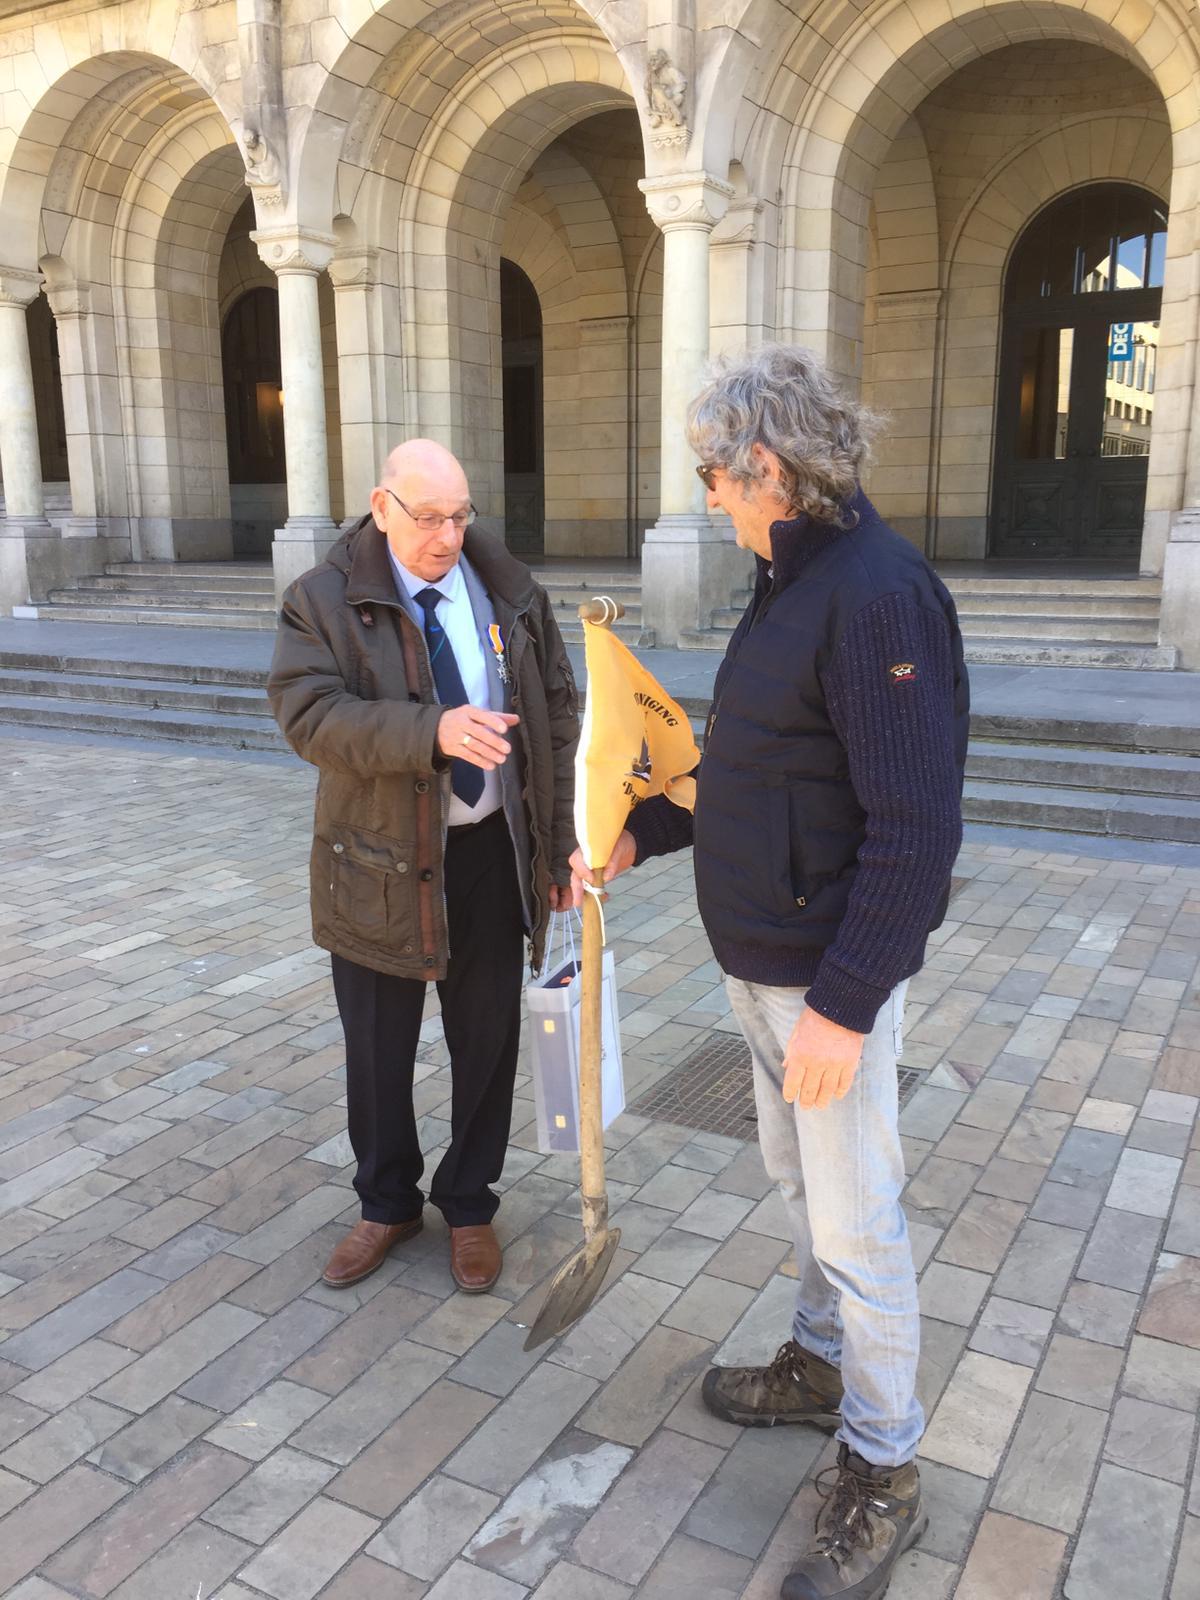 Onderaan de stadhuistrap overhandigde Jos Hubens, voorzitter van stichting De Binnenvaart en ambassadeur van de vereniging, aan Chris van Eijmeren een schep om alvast te beginnen aan een tunnel in de Bocht van de Esch onder de Nieuwe Maas. (Foto Vereniging 'De Binnenvaart')